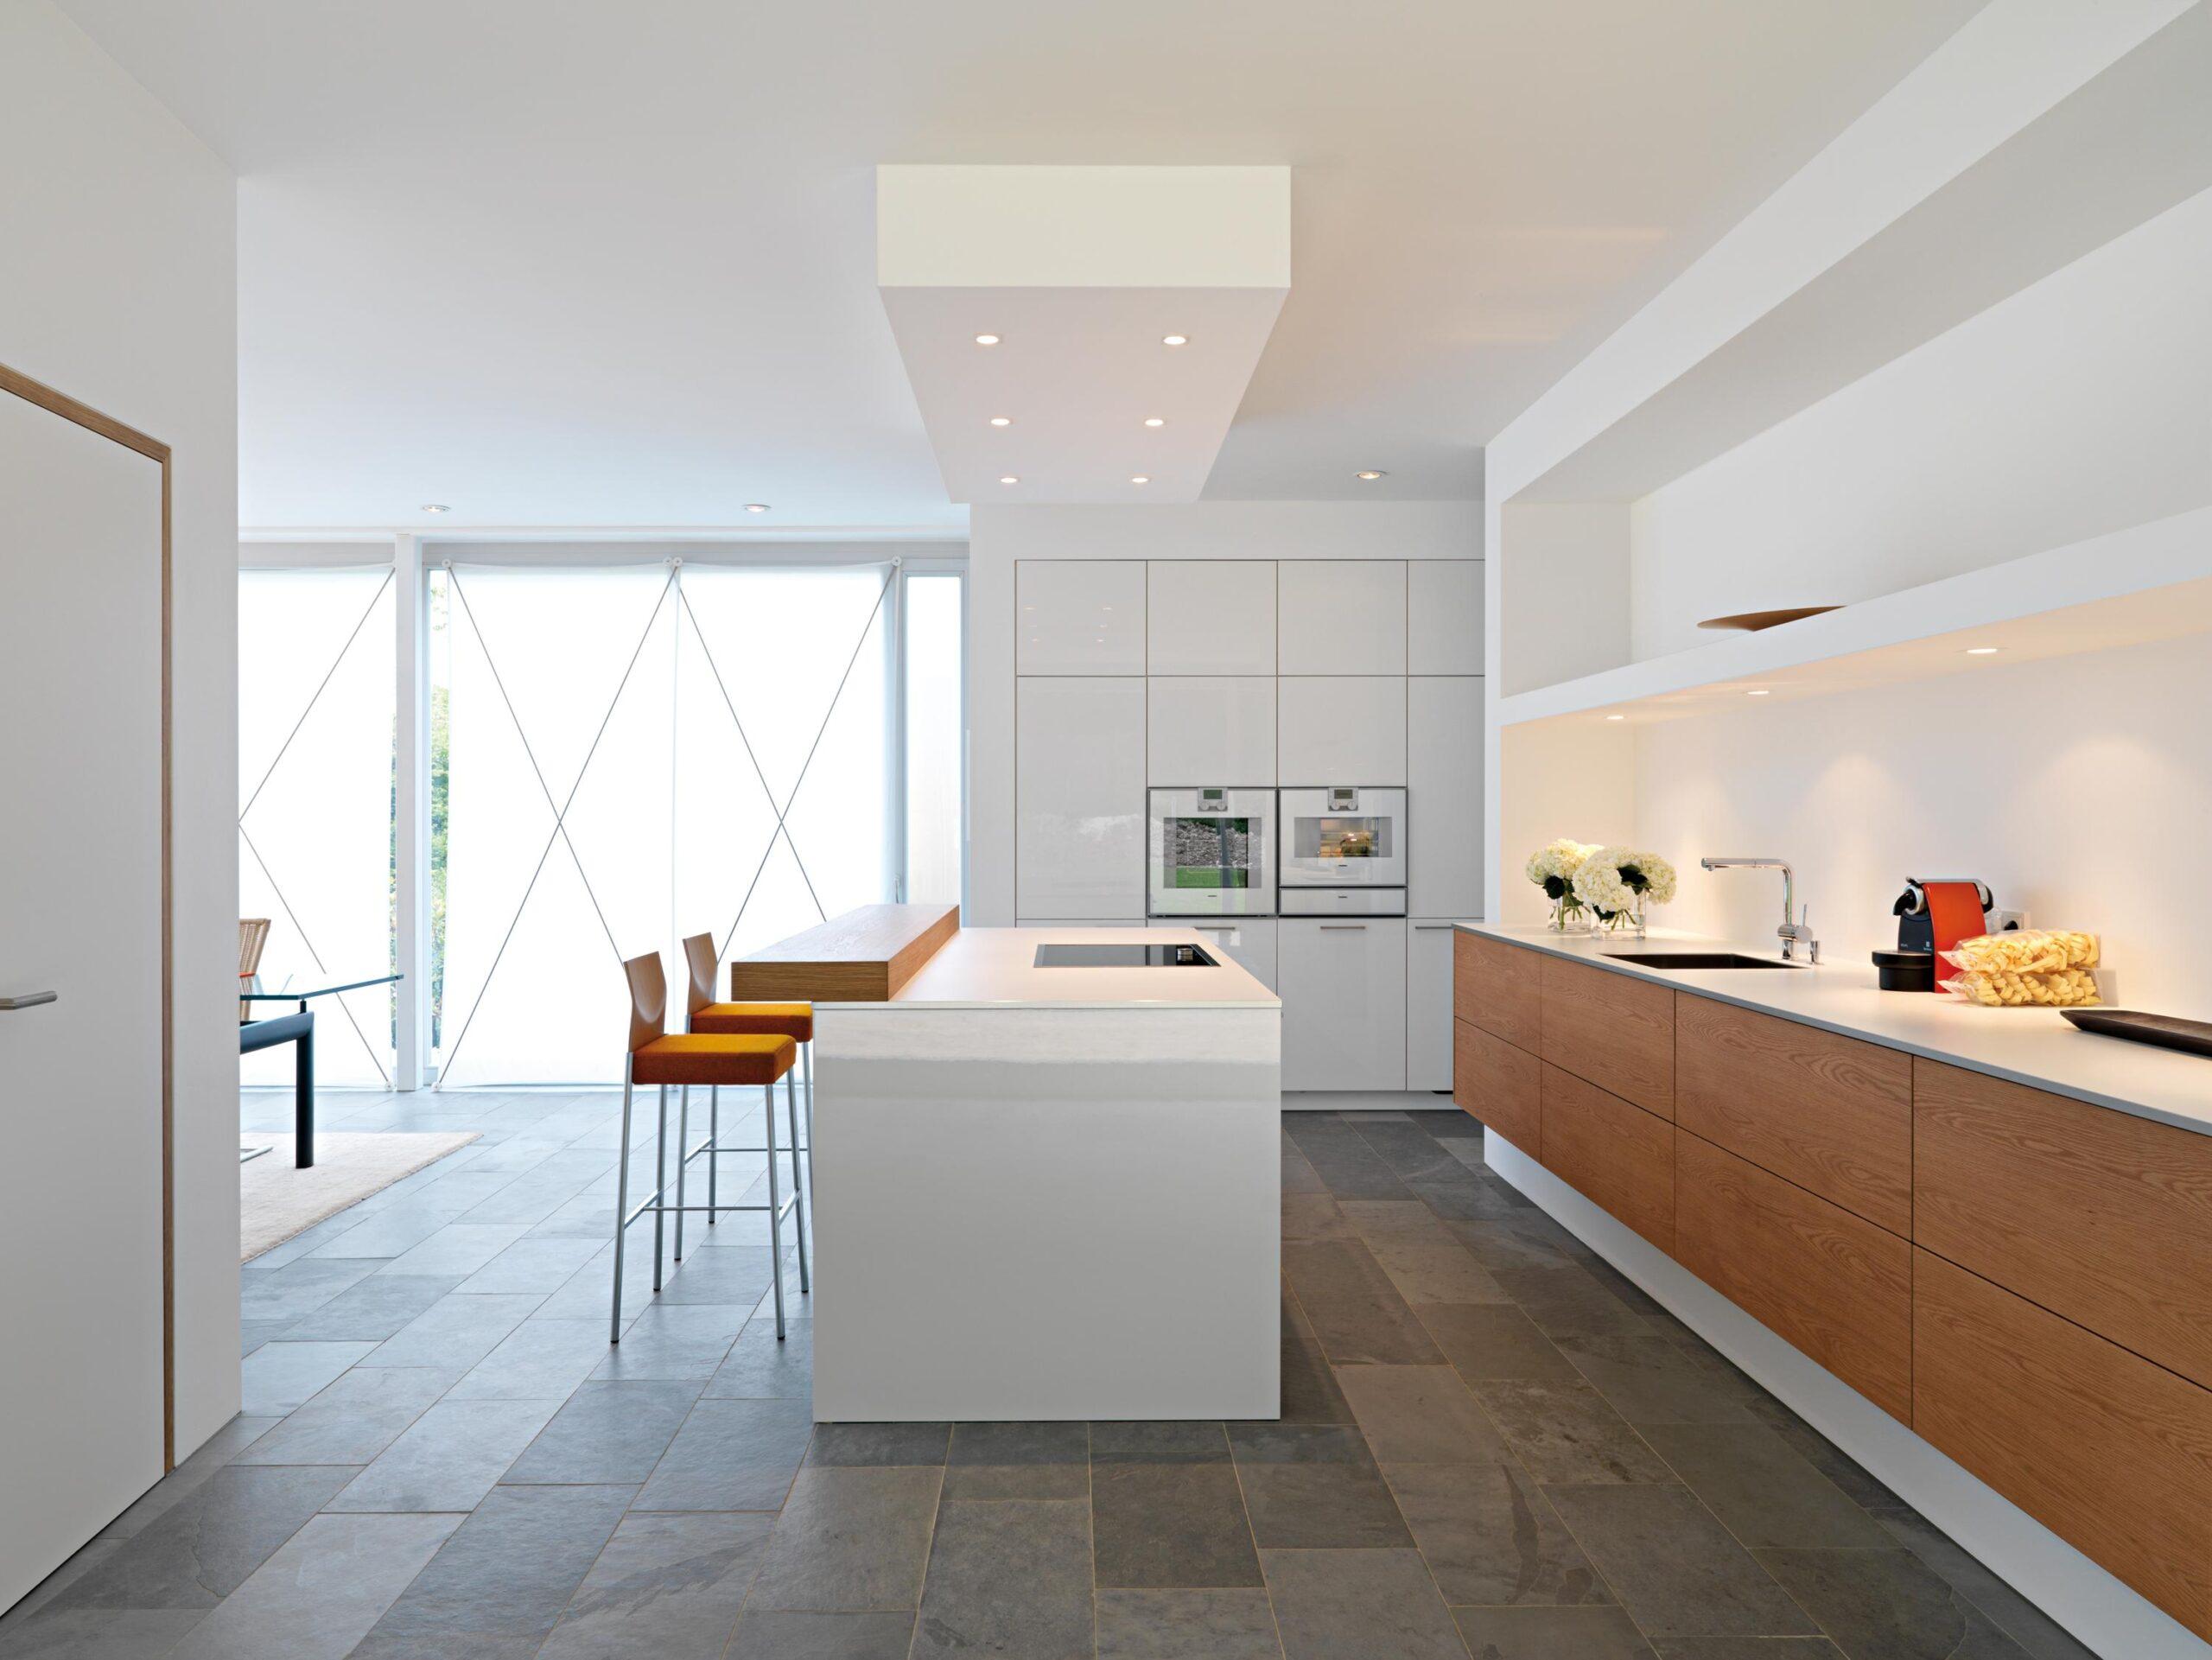 Full Size of Grauer Bodenbelag Bilder Ideen Couch Hängeregal Küche Wohnzimmer Hängeregal Kücheninsel